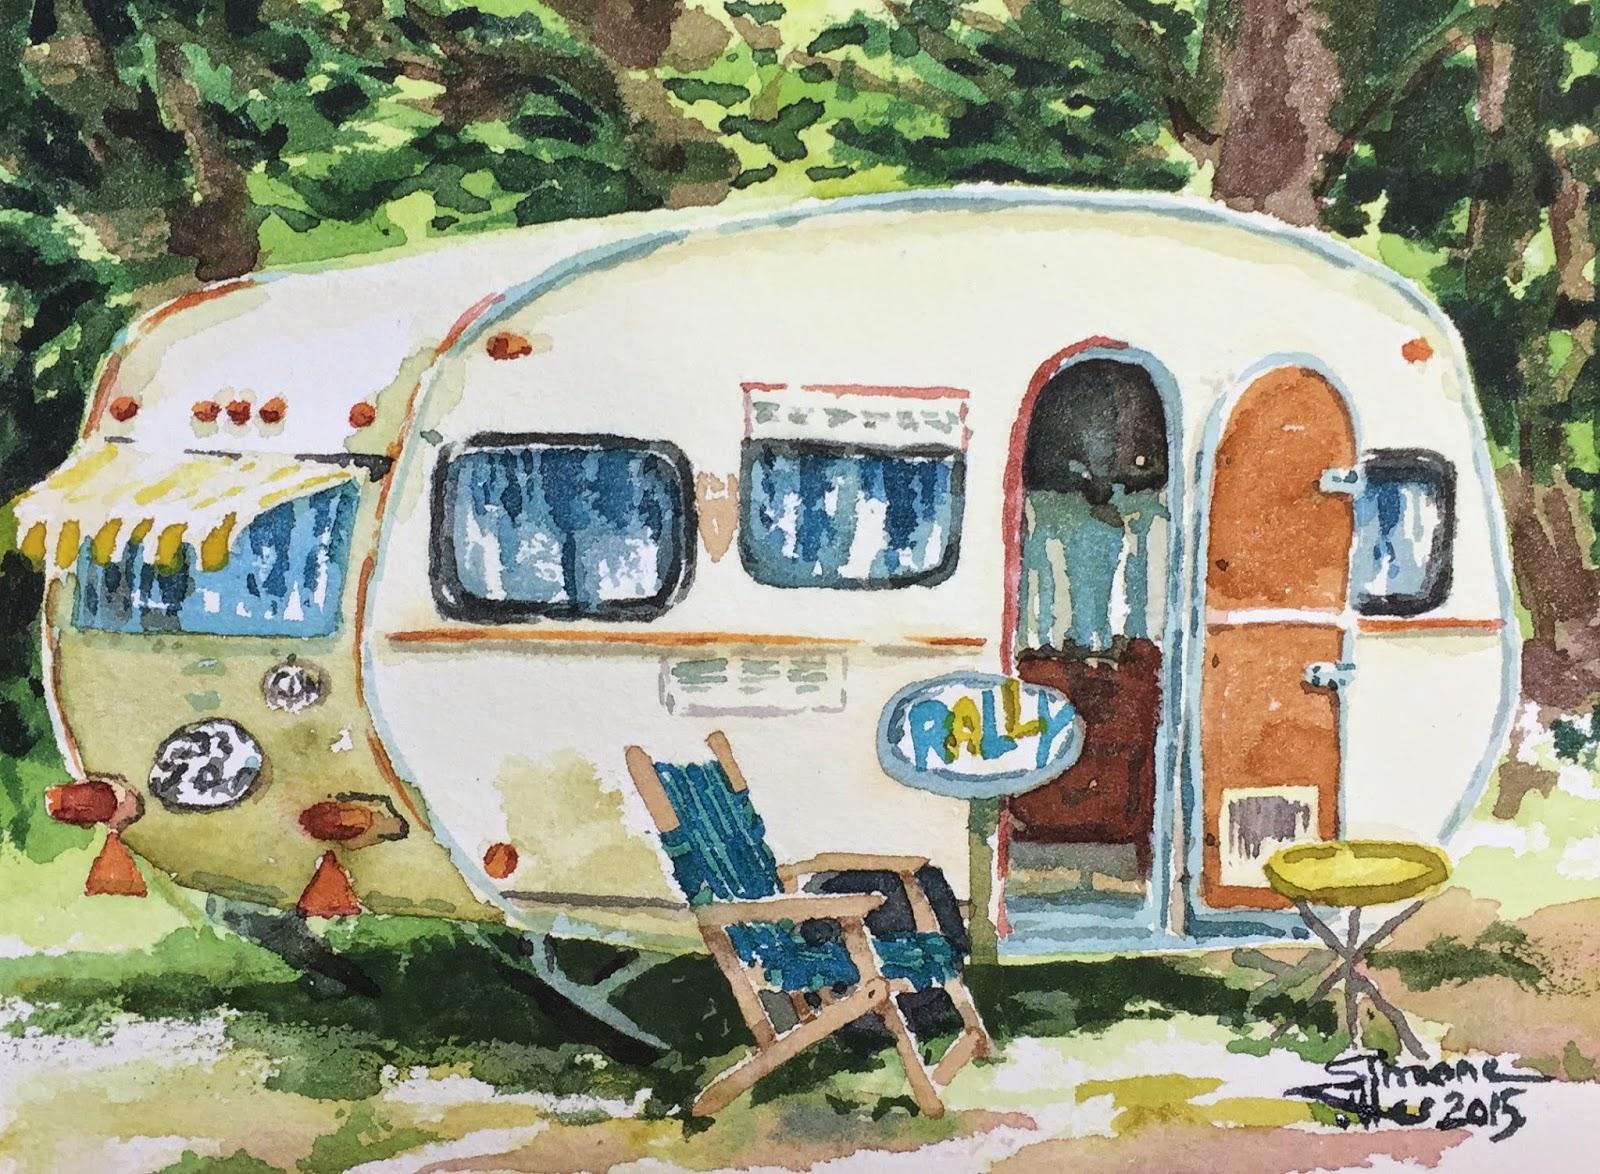 Simone Ritter Art German 1972 Tabbert Wohnwagen